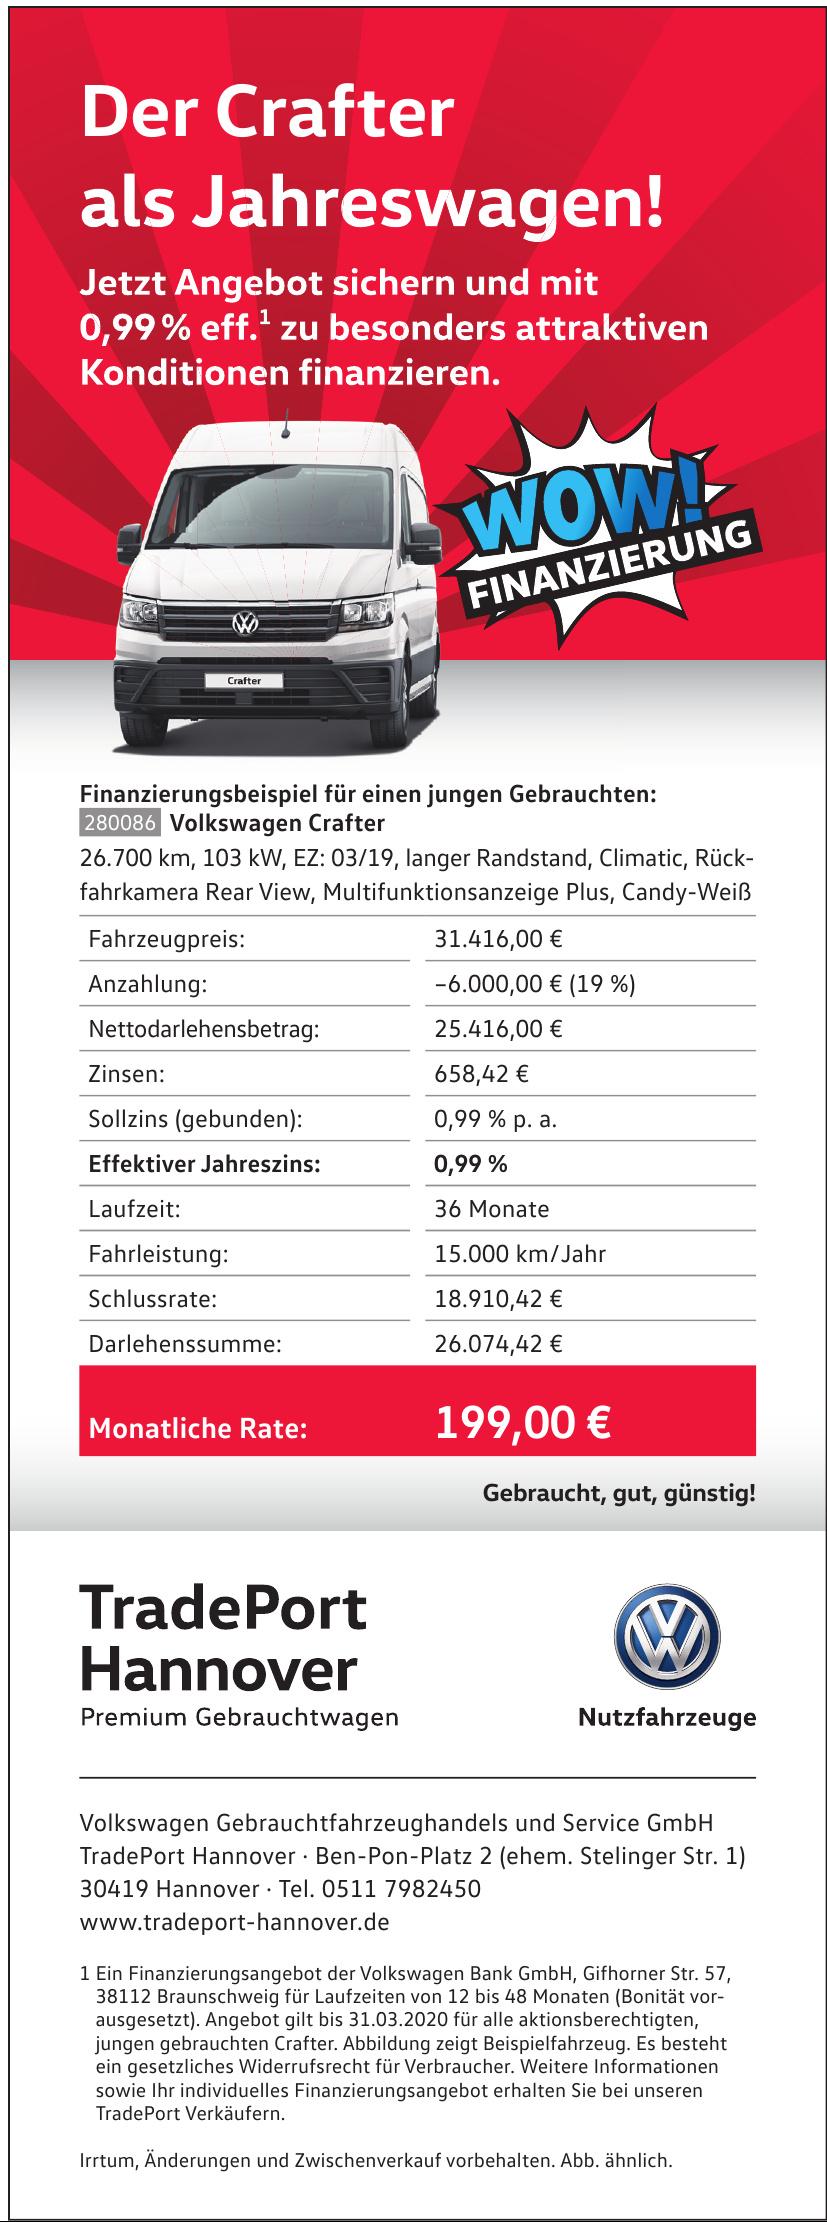 TradePort Hannover